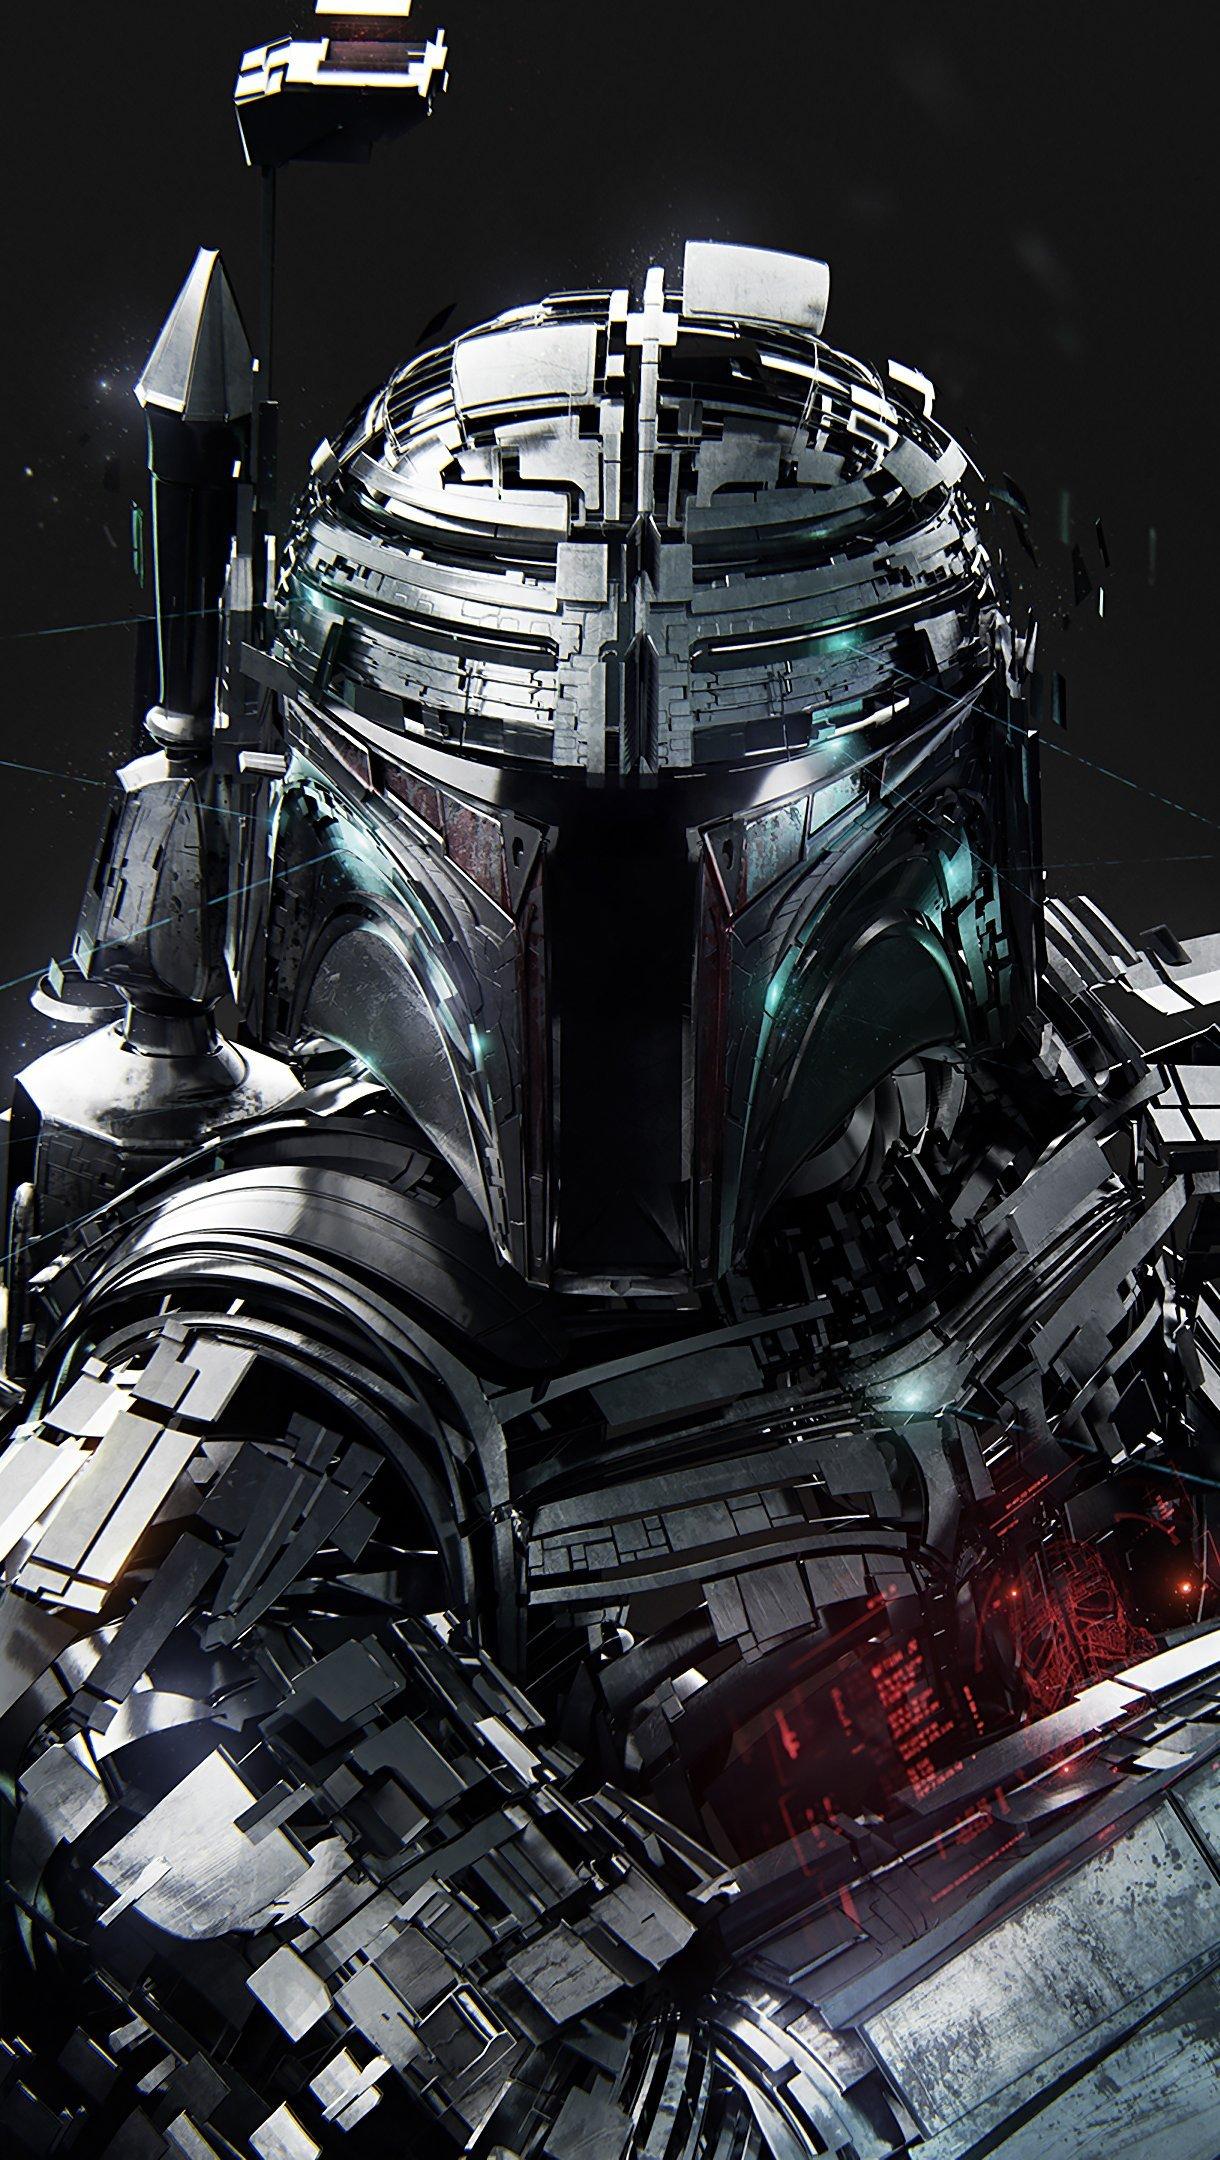 Fondos de pantalla Boba Fett Star Wars Vertical